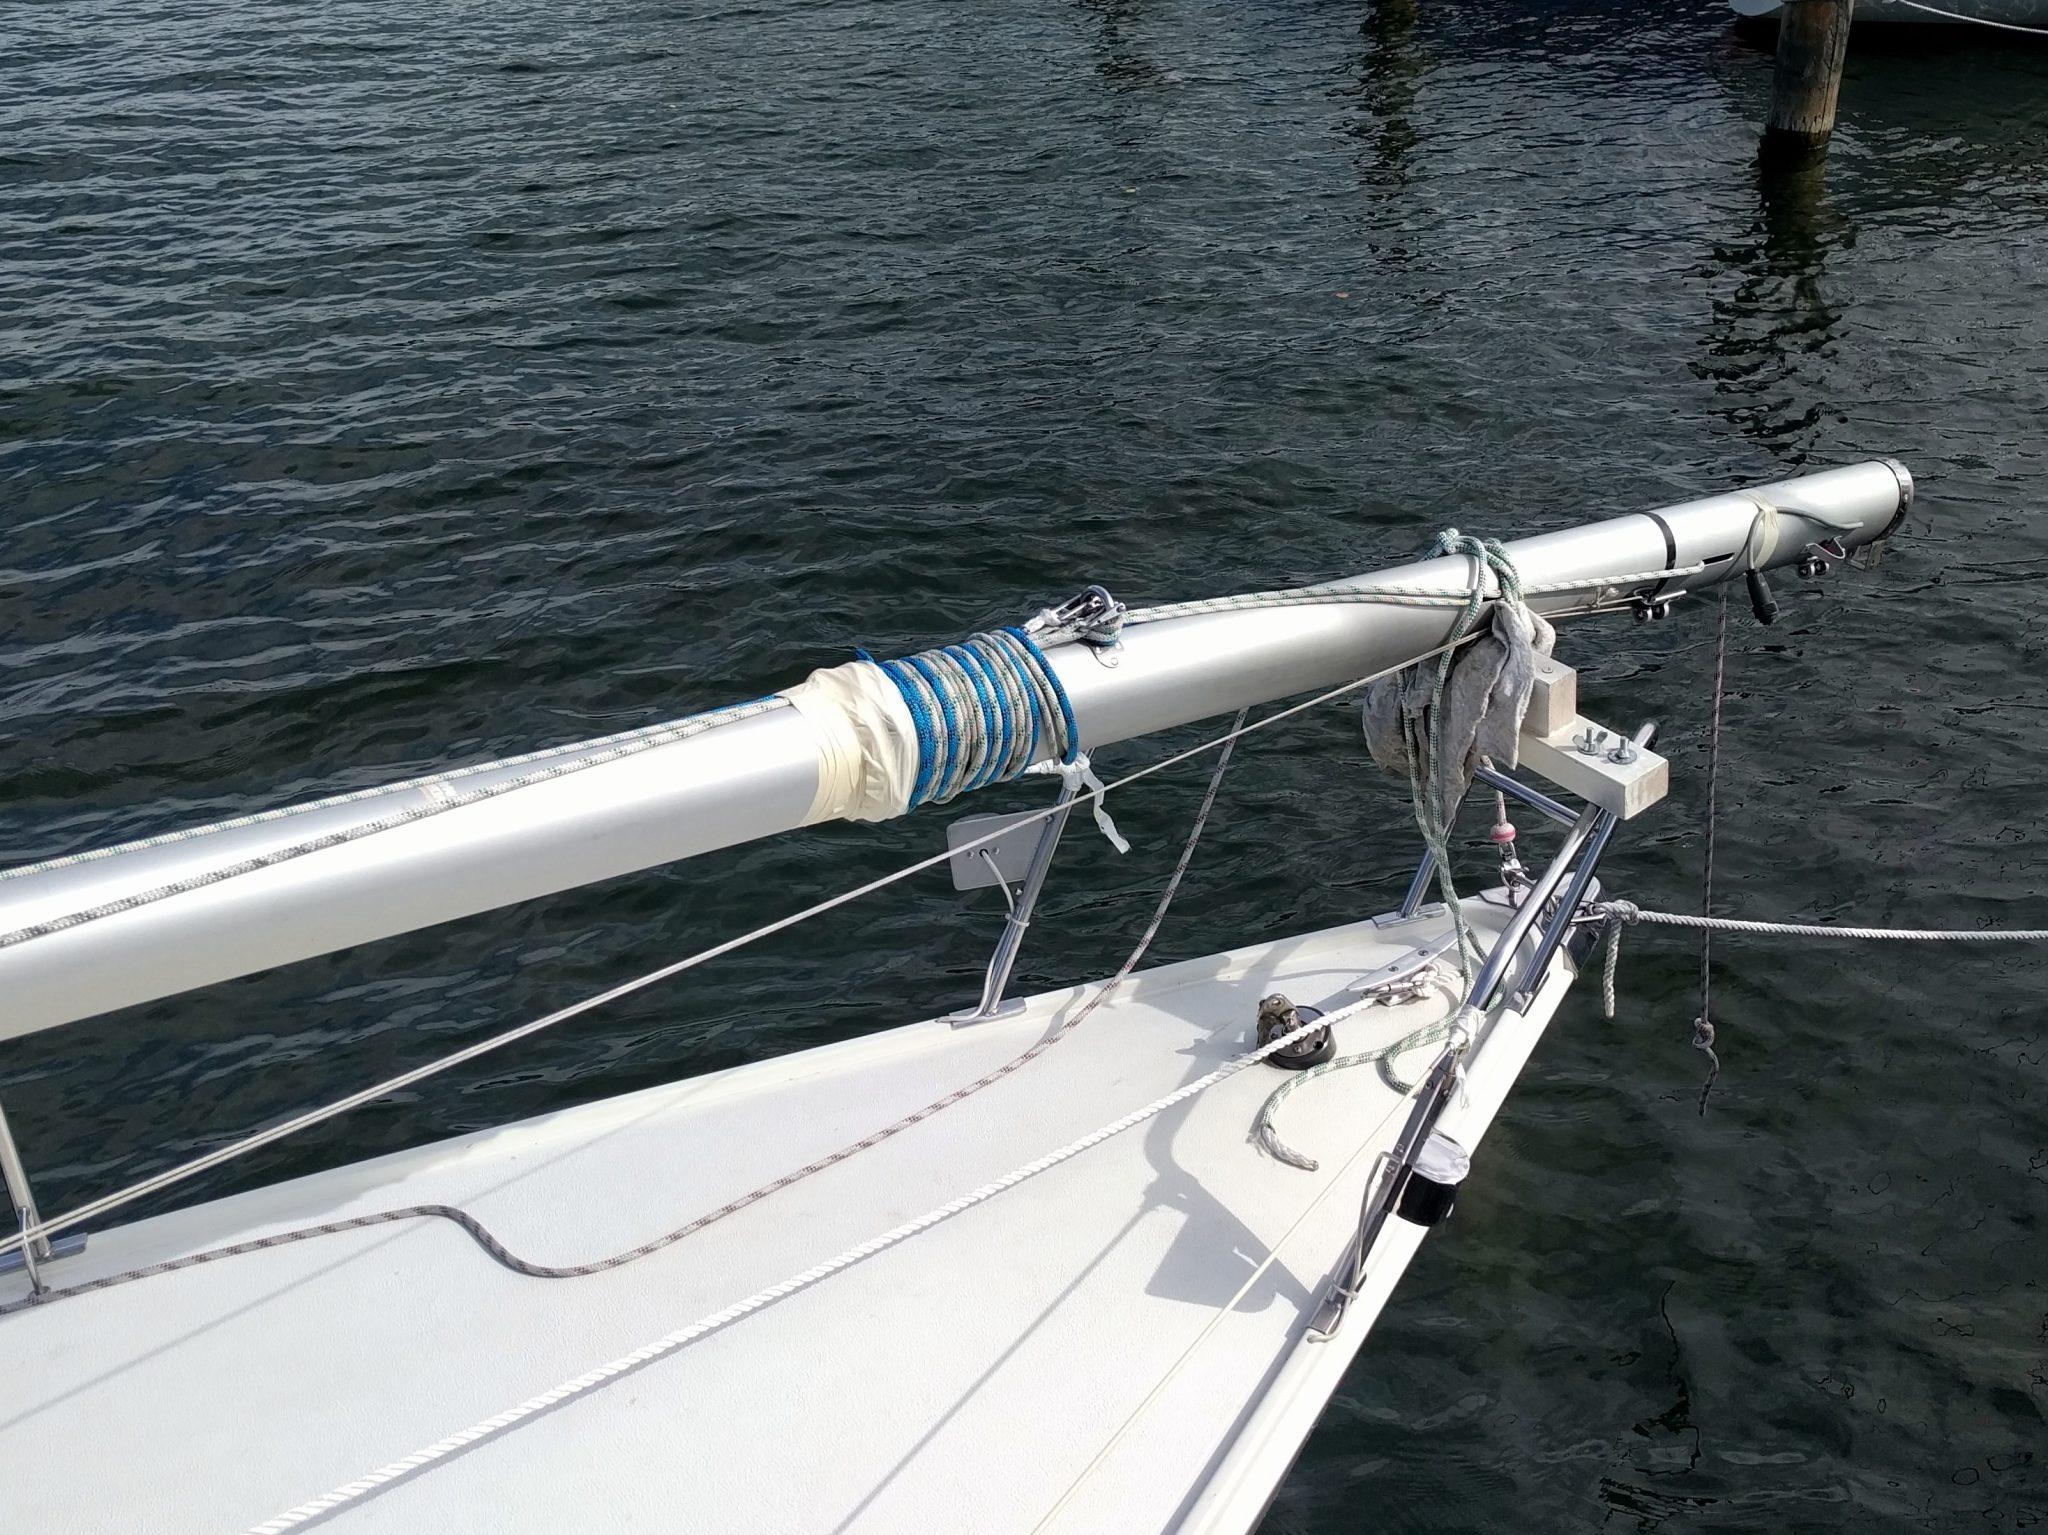 Auflagestütze für den umgelegten Mast